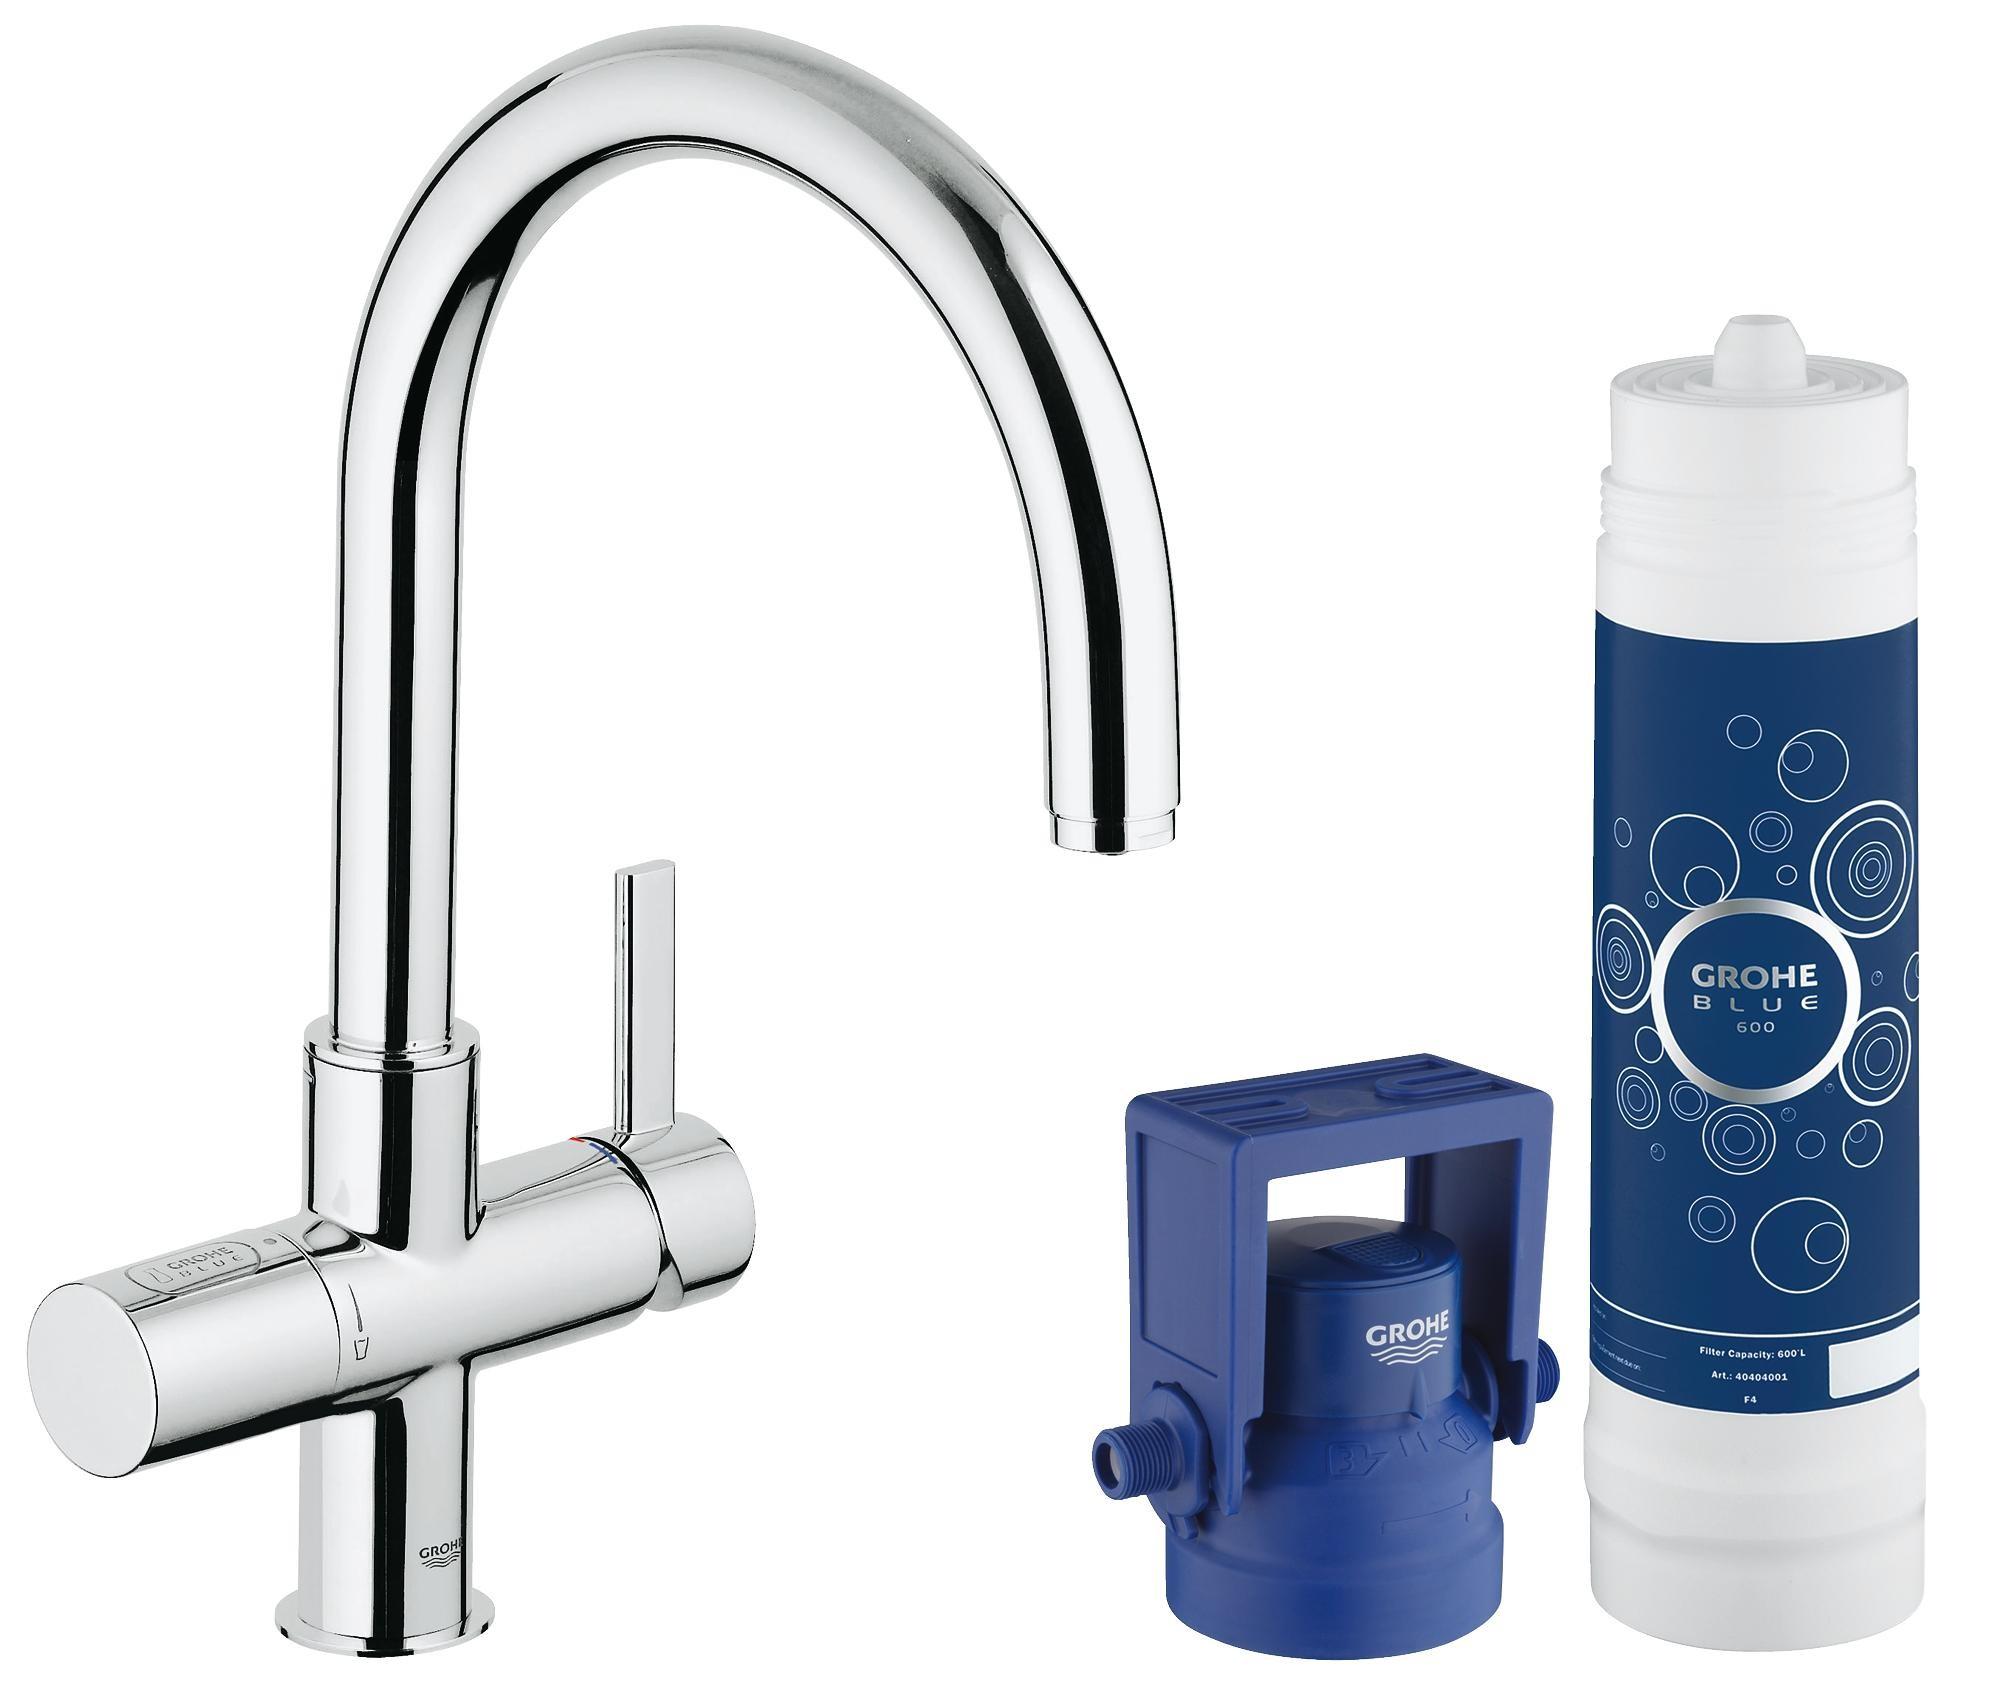 Купить Комплект со смесителем для кухни Grohe Blue (фильтрация, C-излив) 33249001, Германия